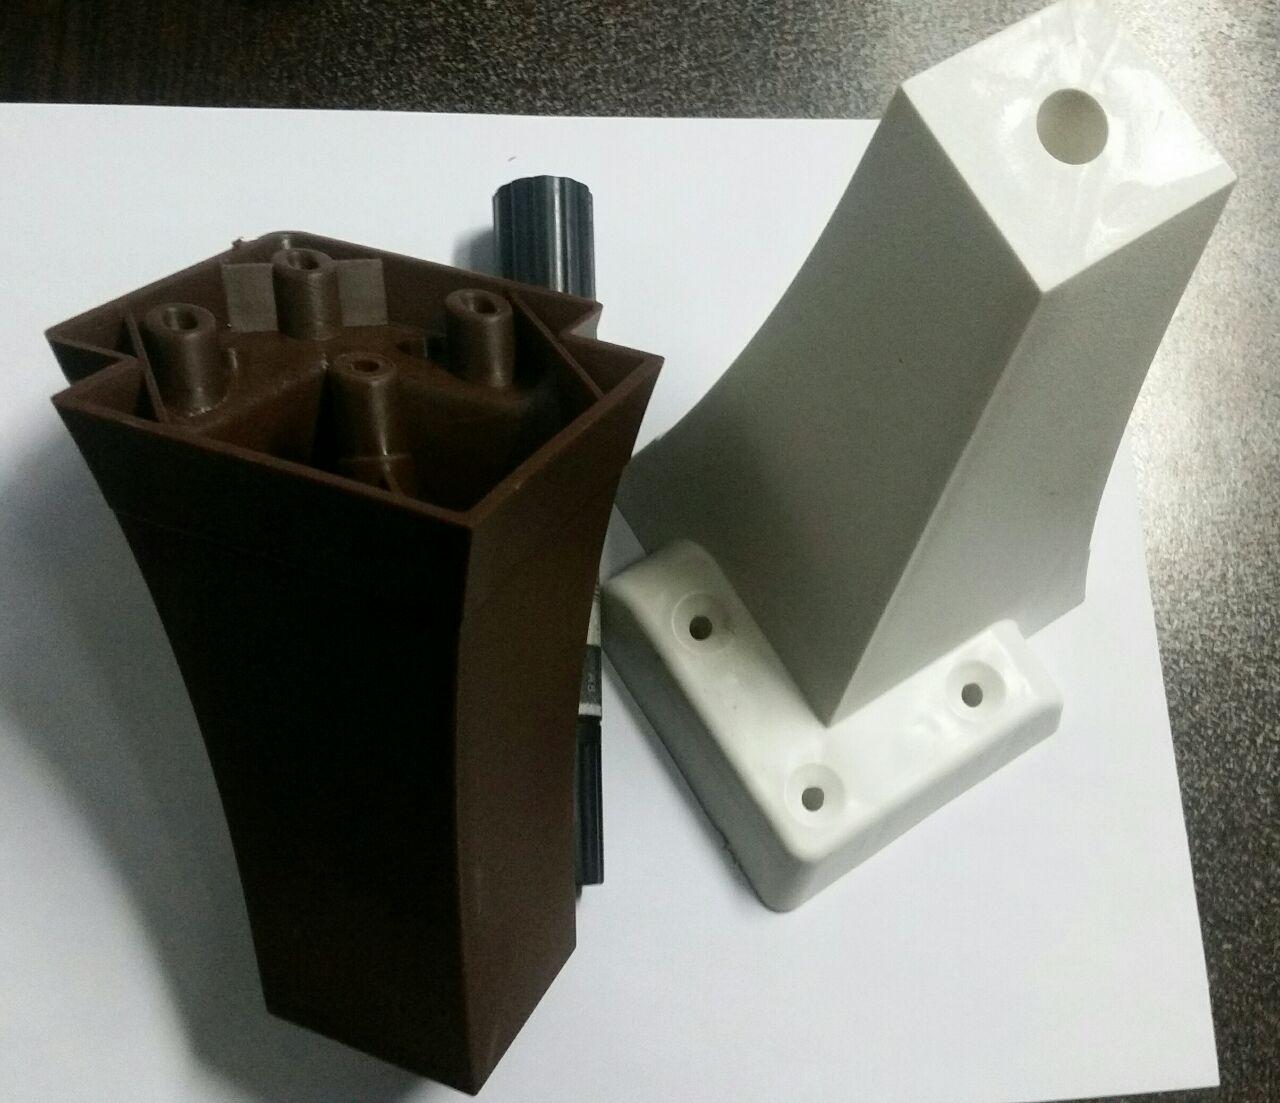 پایه مبل کلاسیک ۱۰ سانتی محصول جدید تولیدی محمد